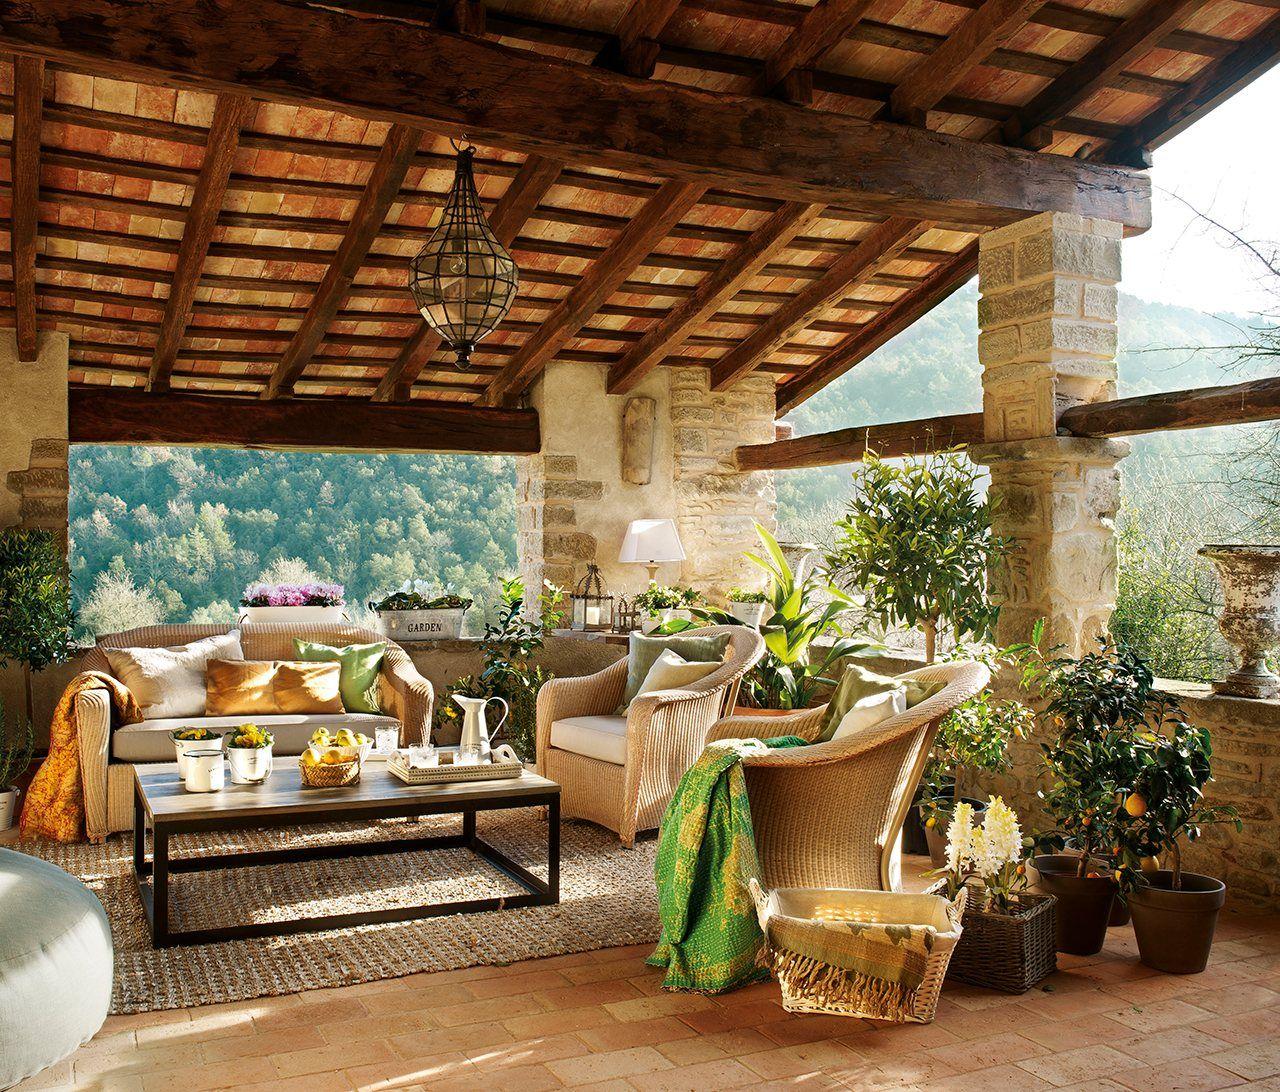 Una casa r stica con toques de estilo franc s ii for Casa y jardin revista de decoracion